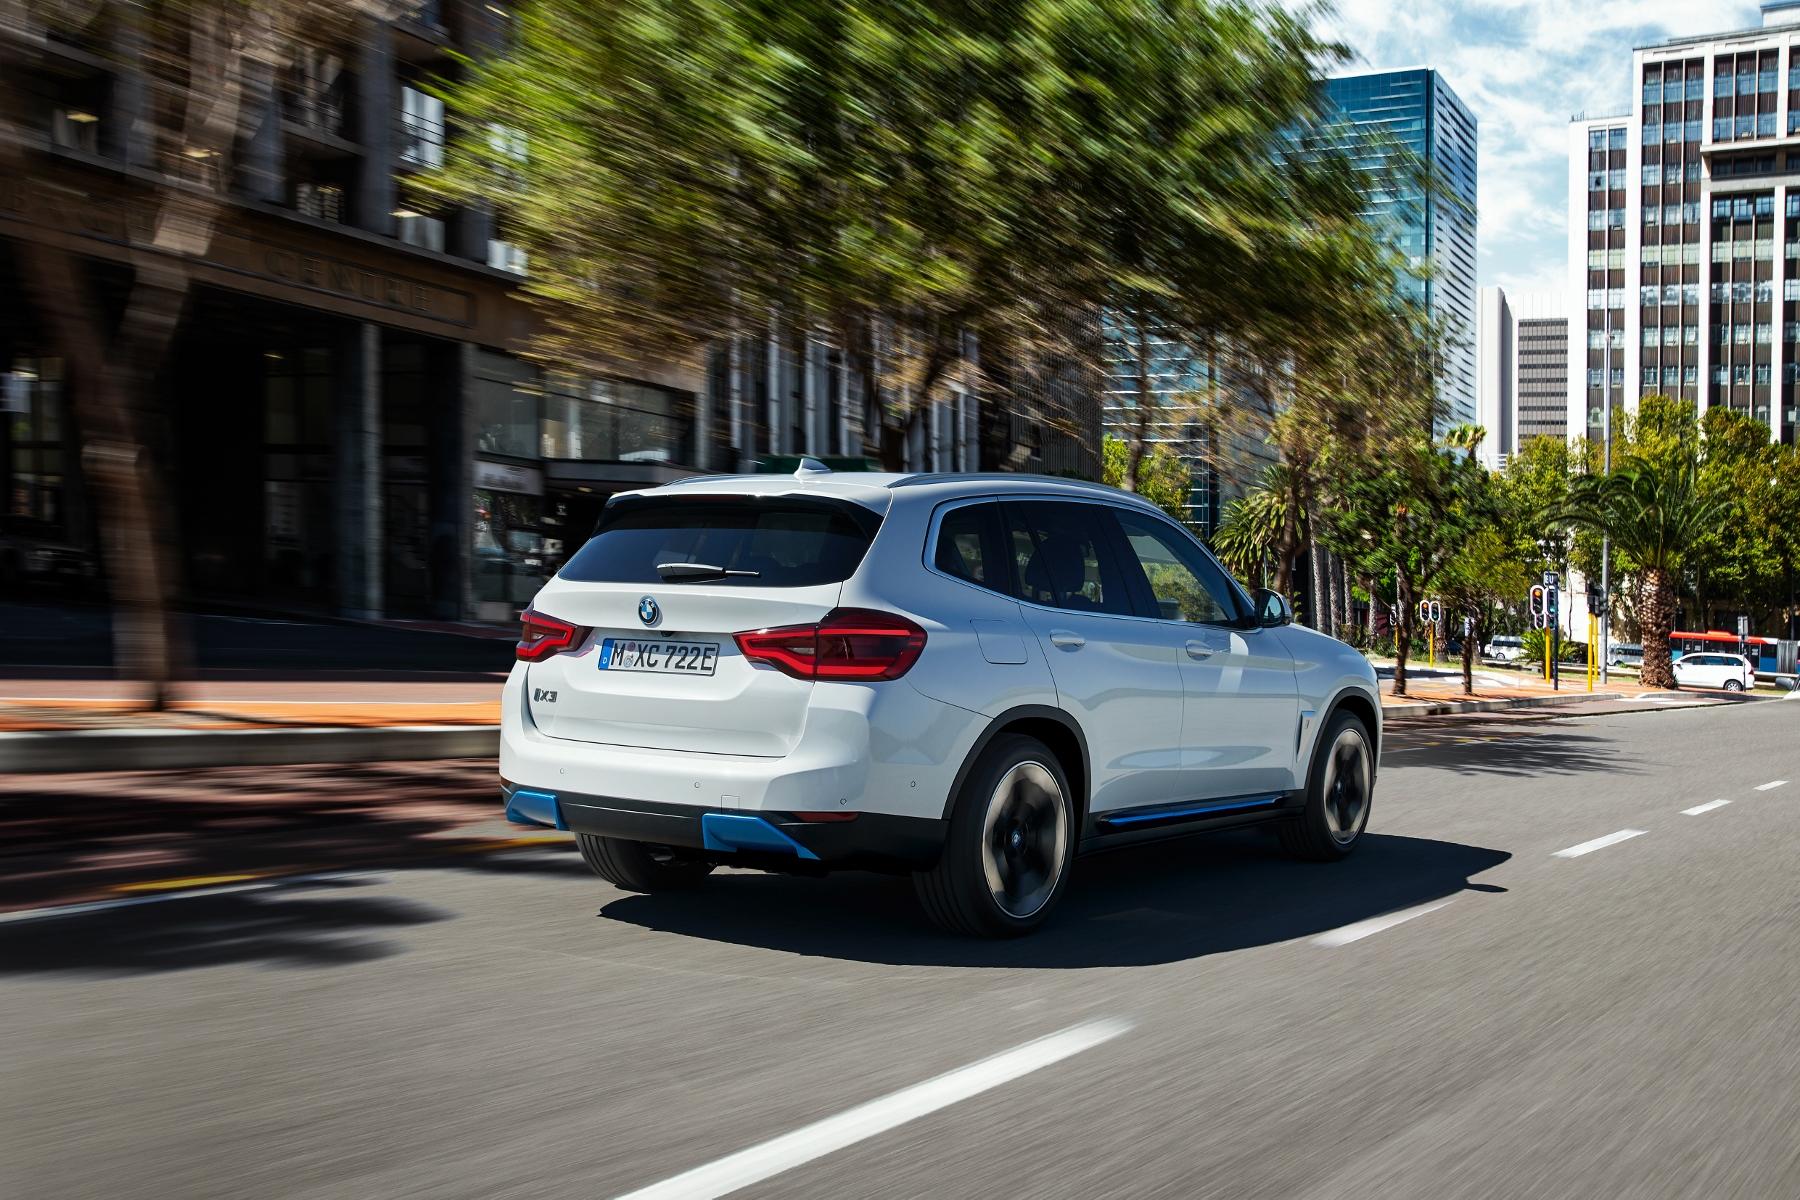 BMW ukázalo elektrické SUV iX3 s dojazdom 459 km uorRpFmFlw bmw-ix3-6